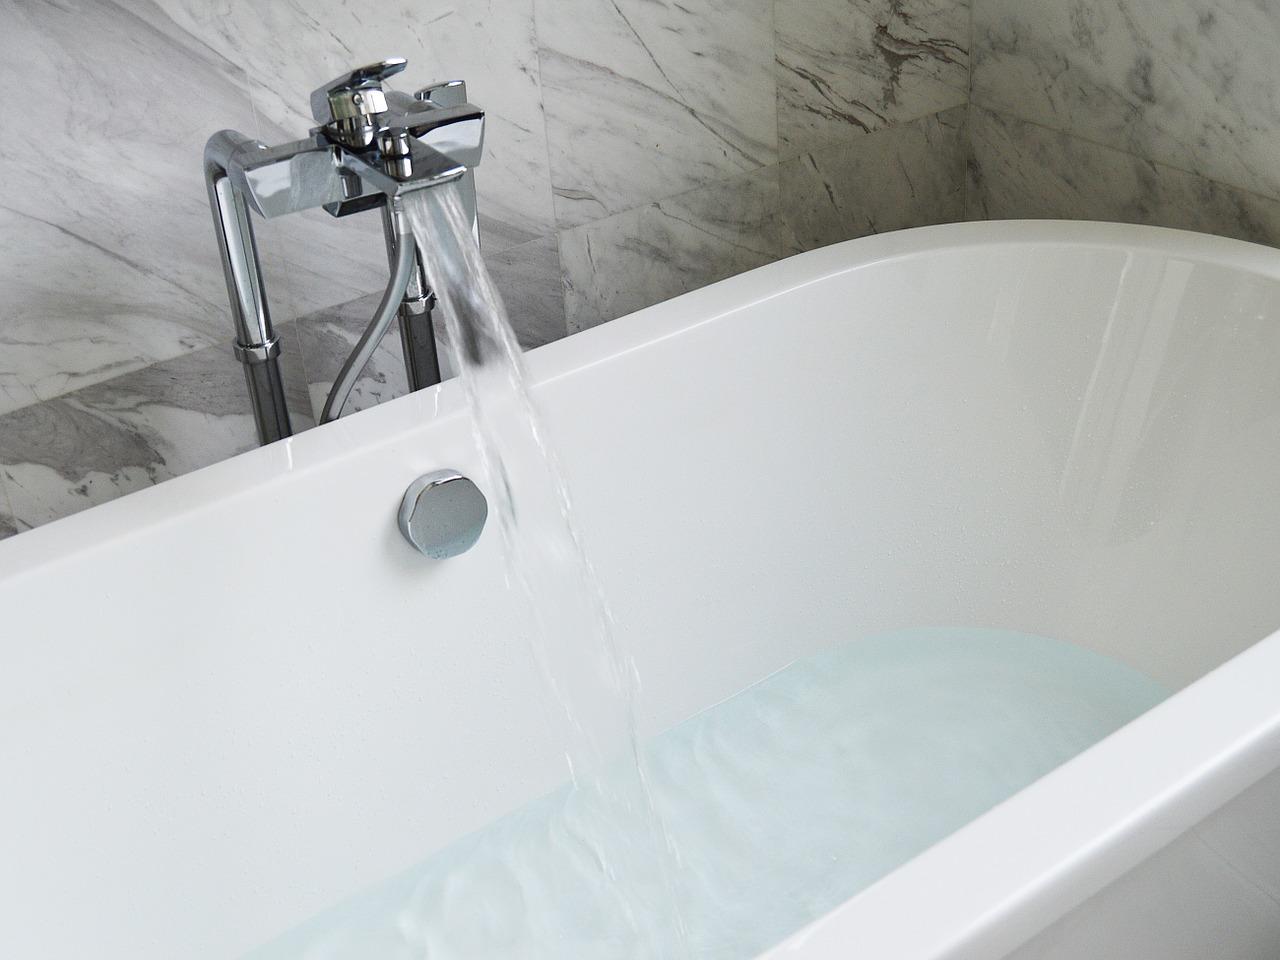 Vasca Da Bagno Misure Standard vasche da bagno: tutto su modelli, misure e prezzi